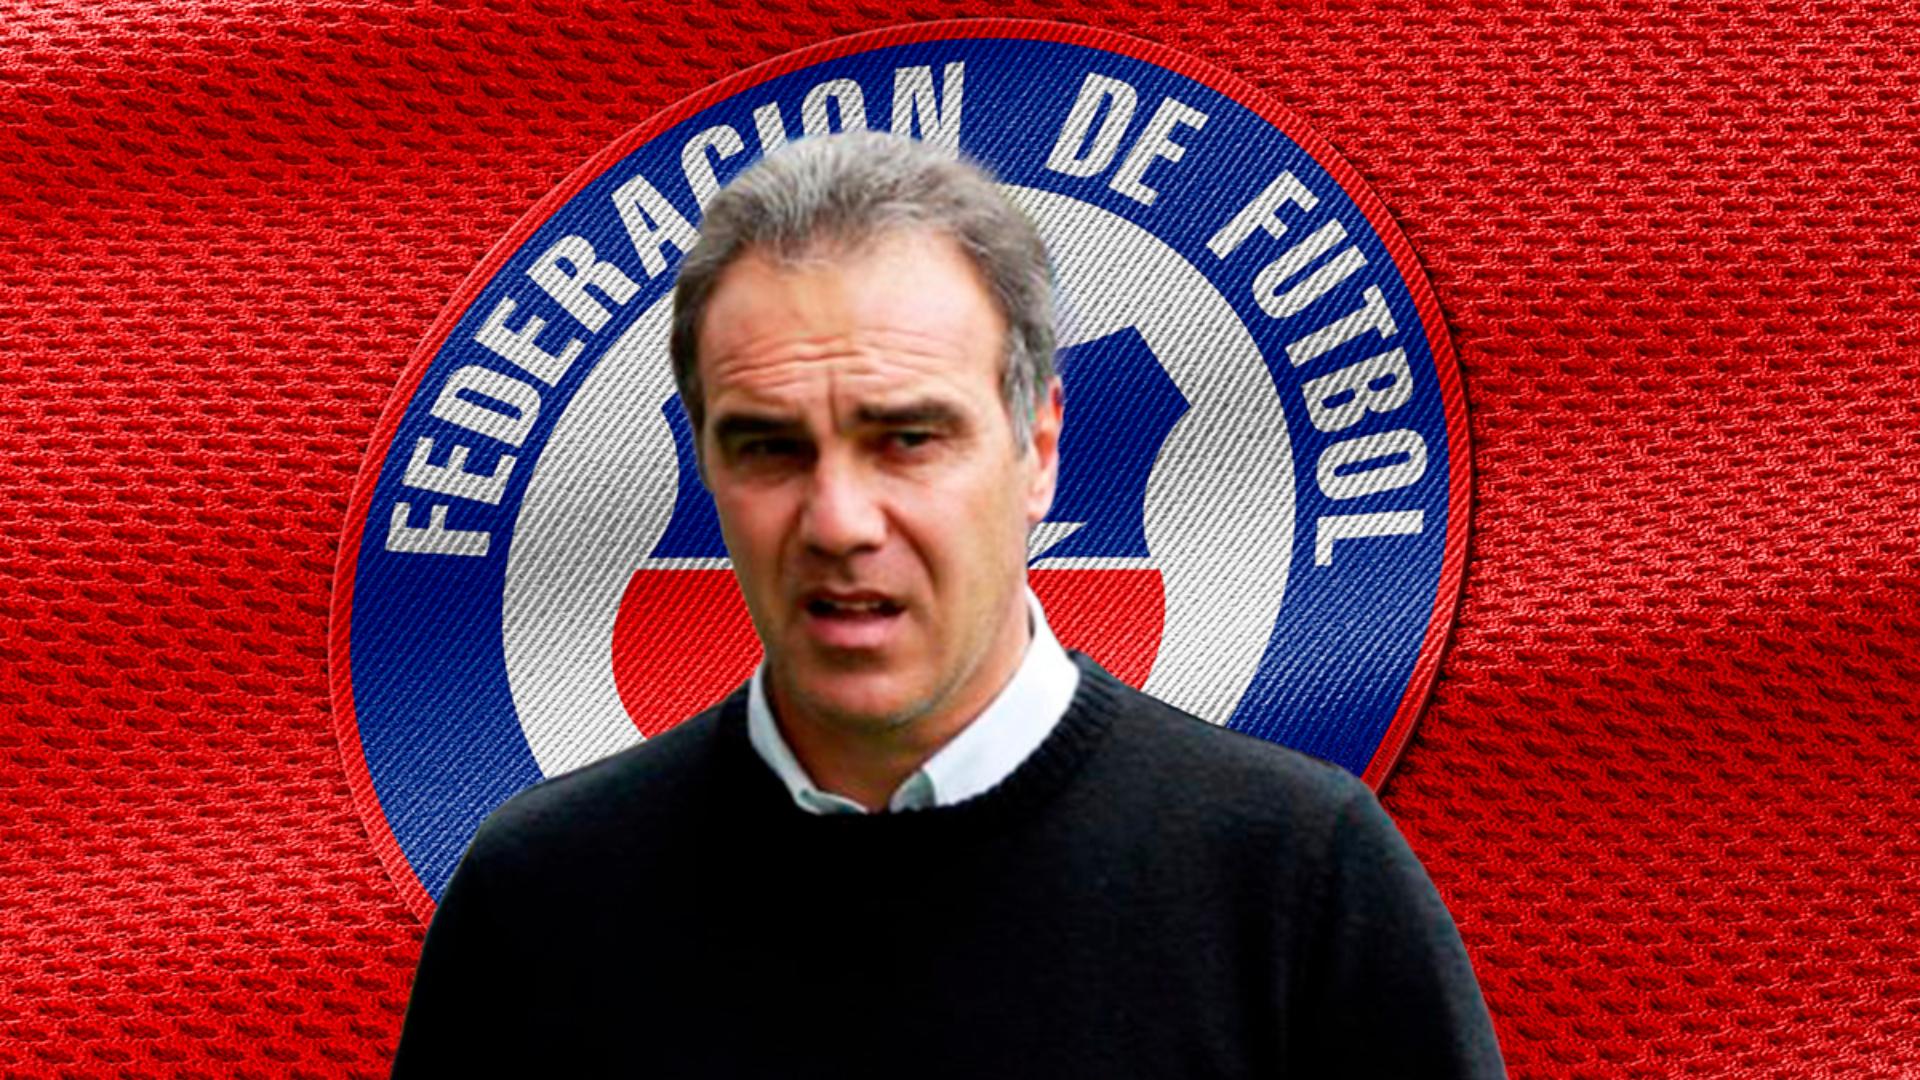 Salió humo blanco: Martín Lasarte fue oficializado como nuevo DT de La Roja  | Goal.com